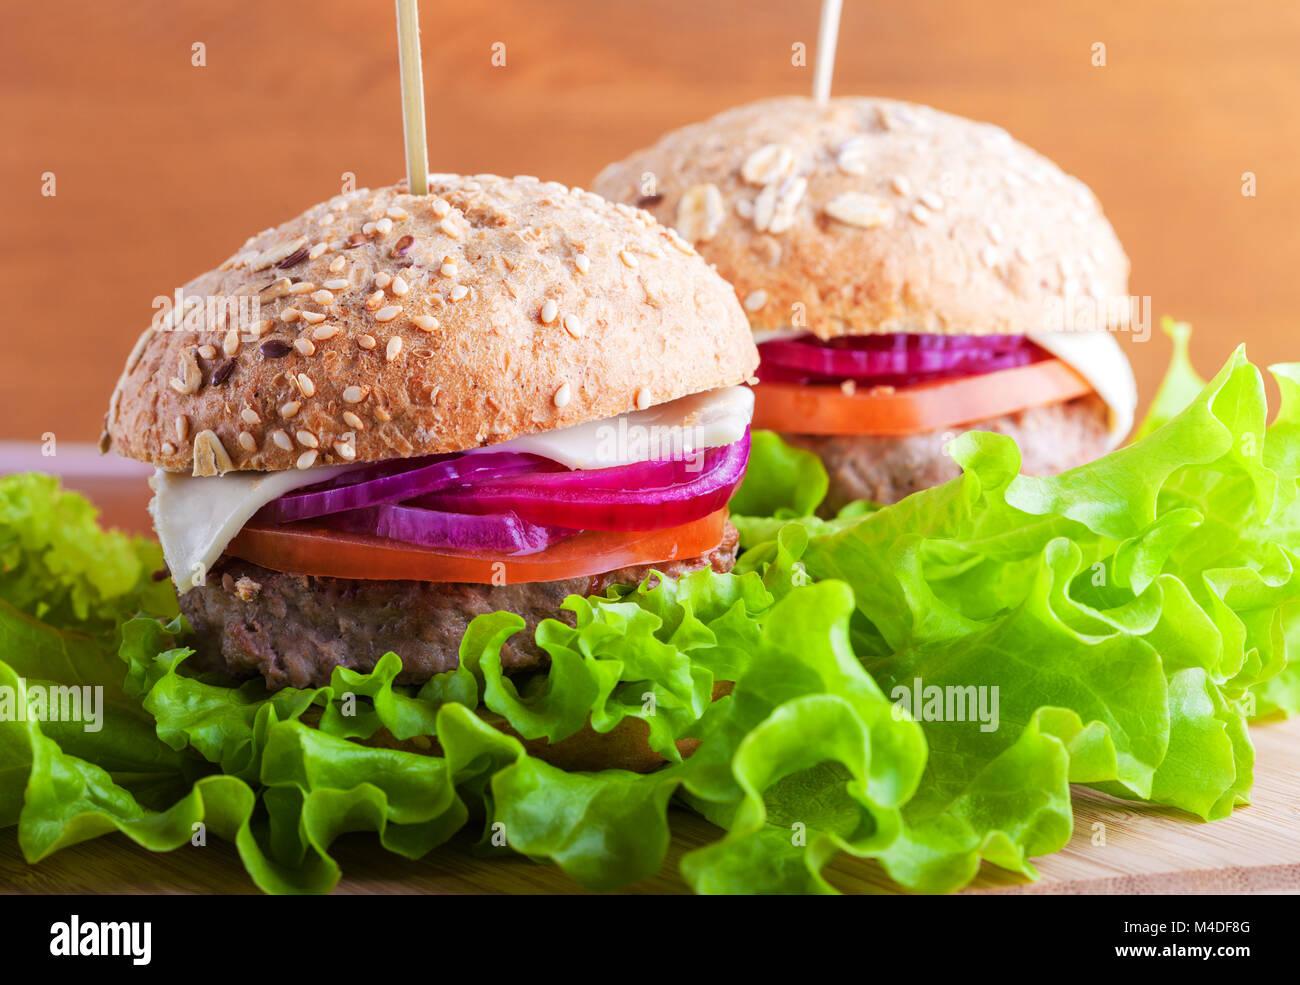 Hamburguesa con ensalada, cebolla, tomate y pan fresco Foto de stock